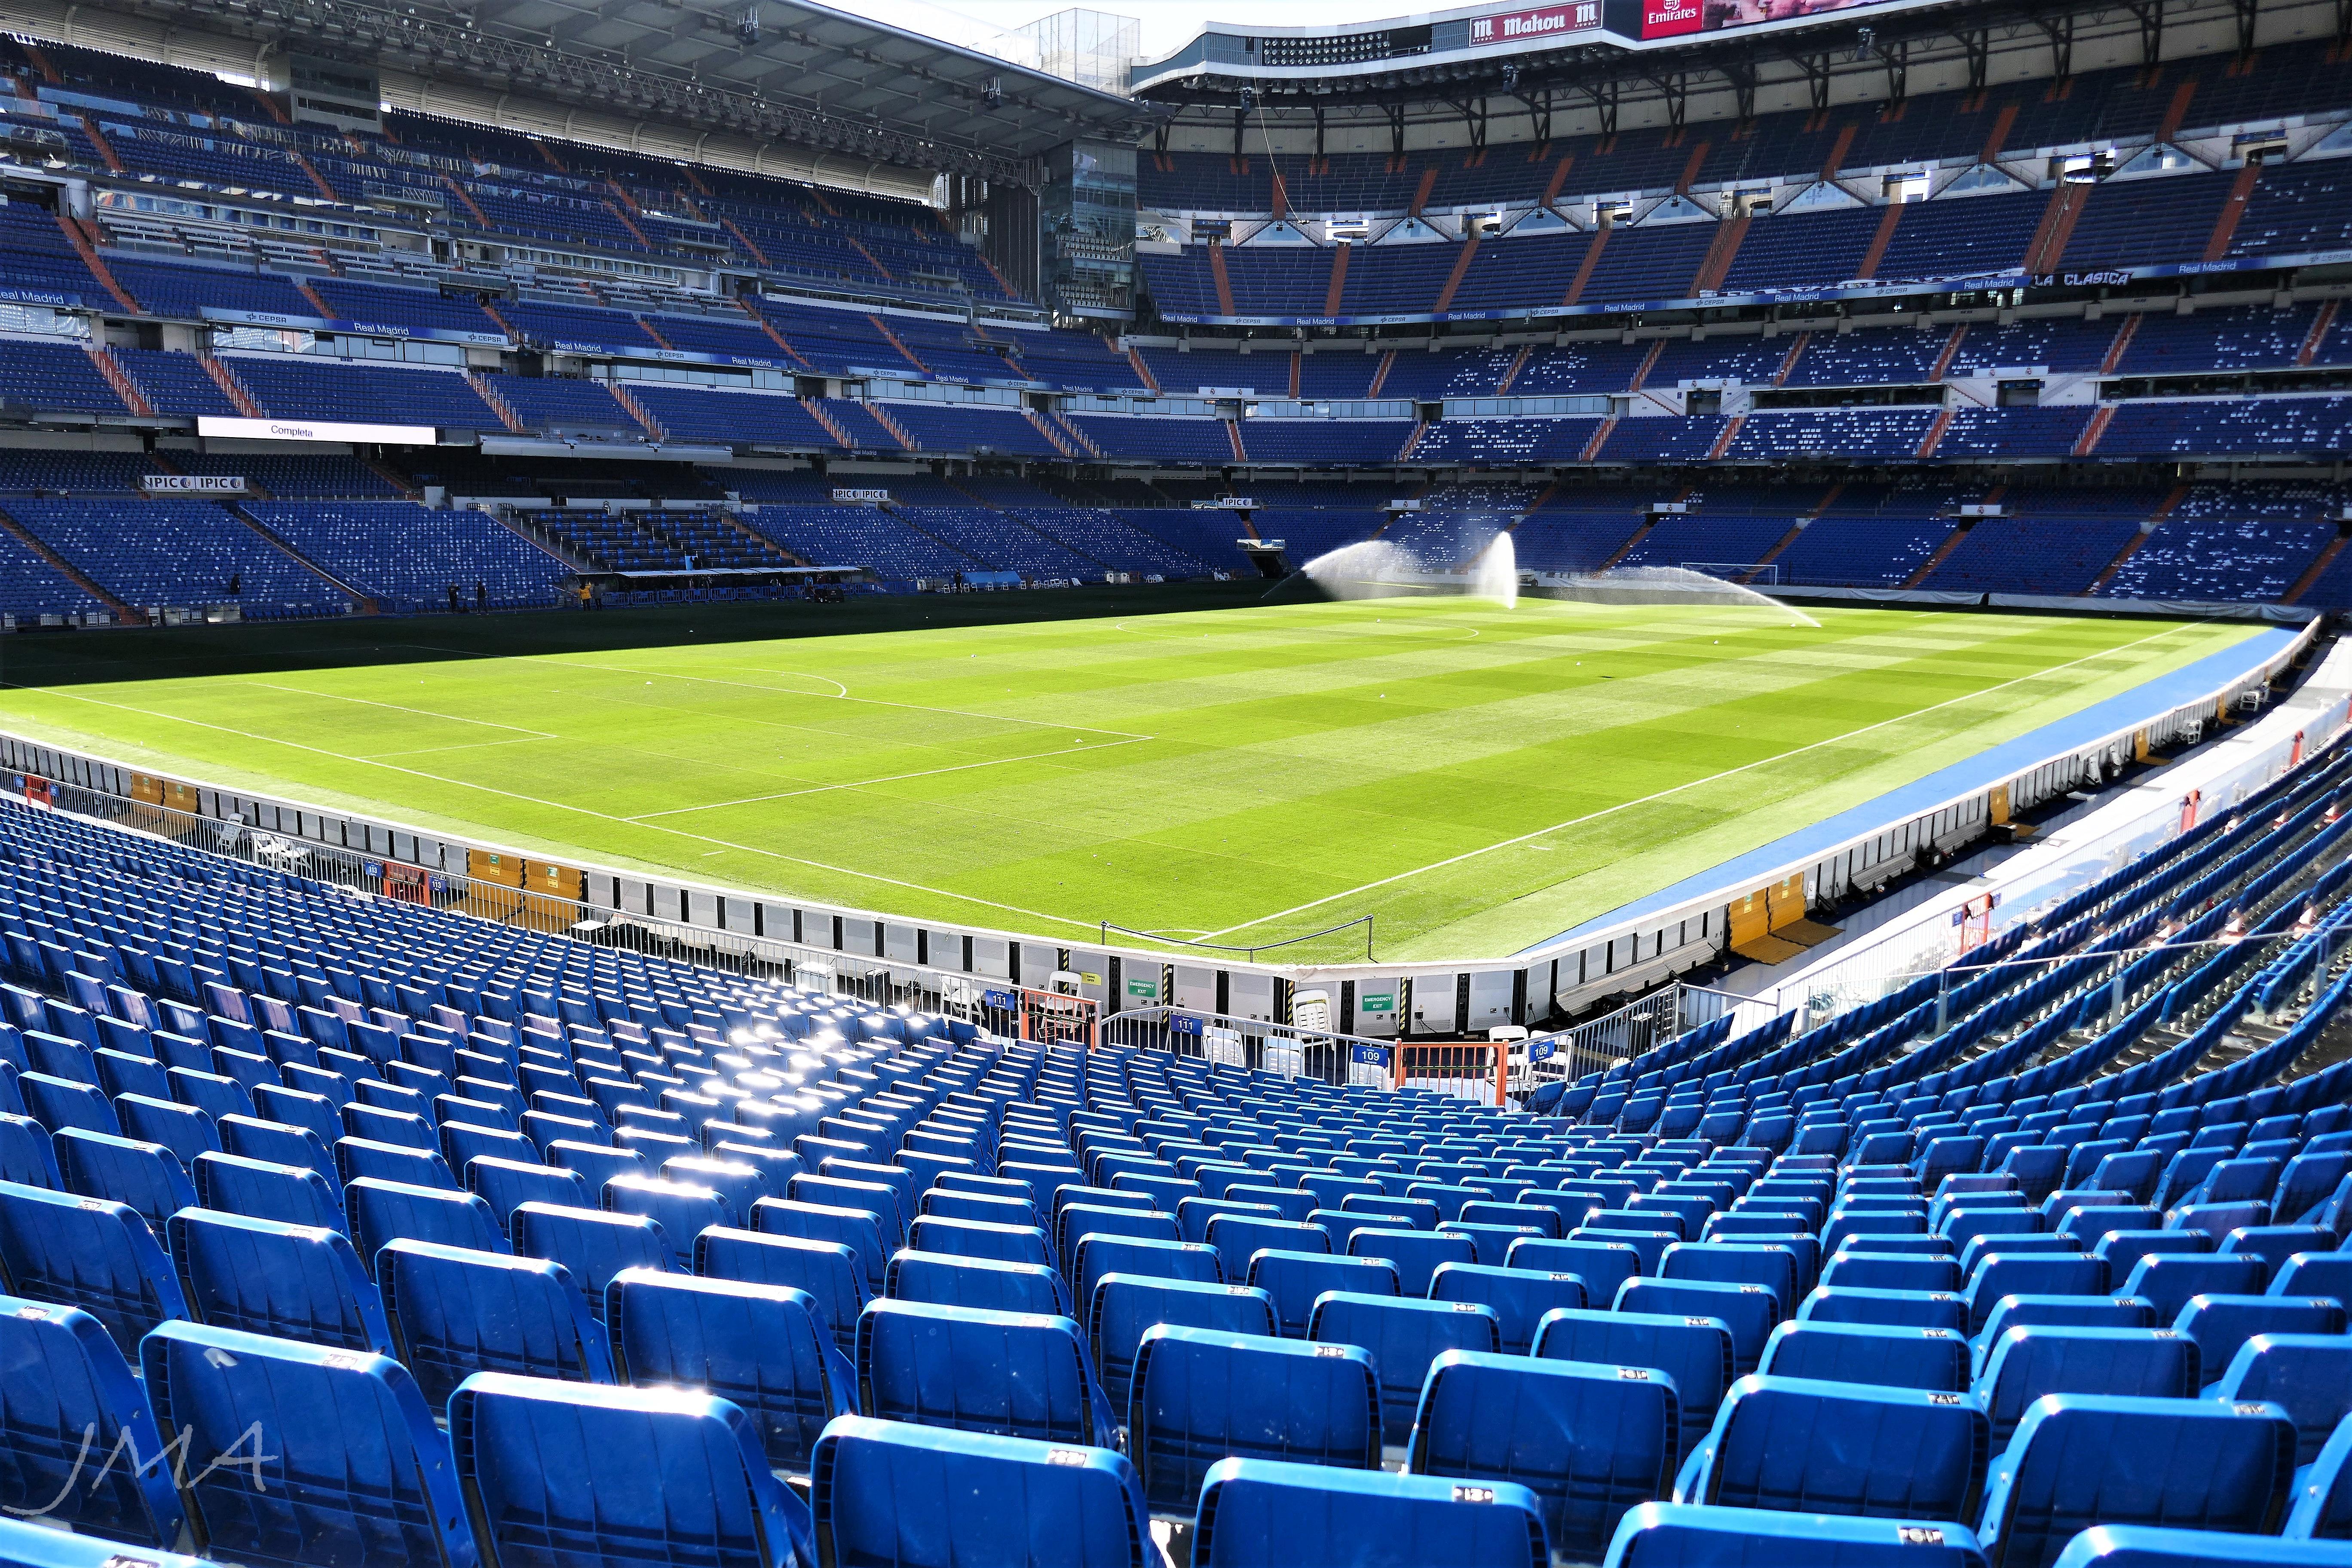 Santiago Bernabeu. At the Real Madrid stadium, Madrid, Spain